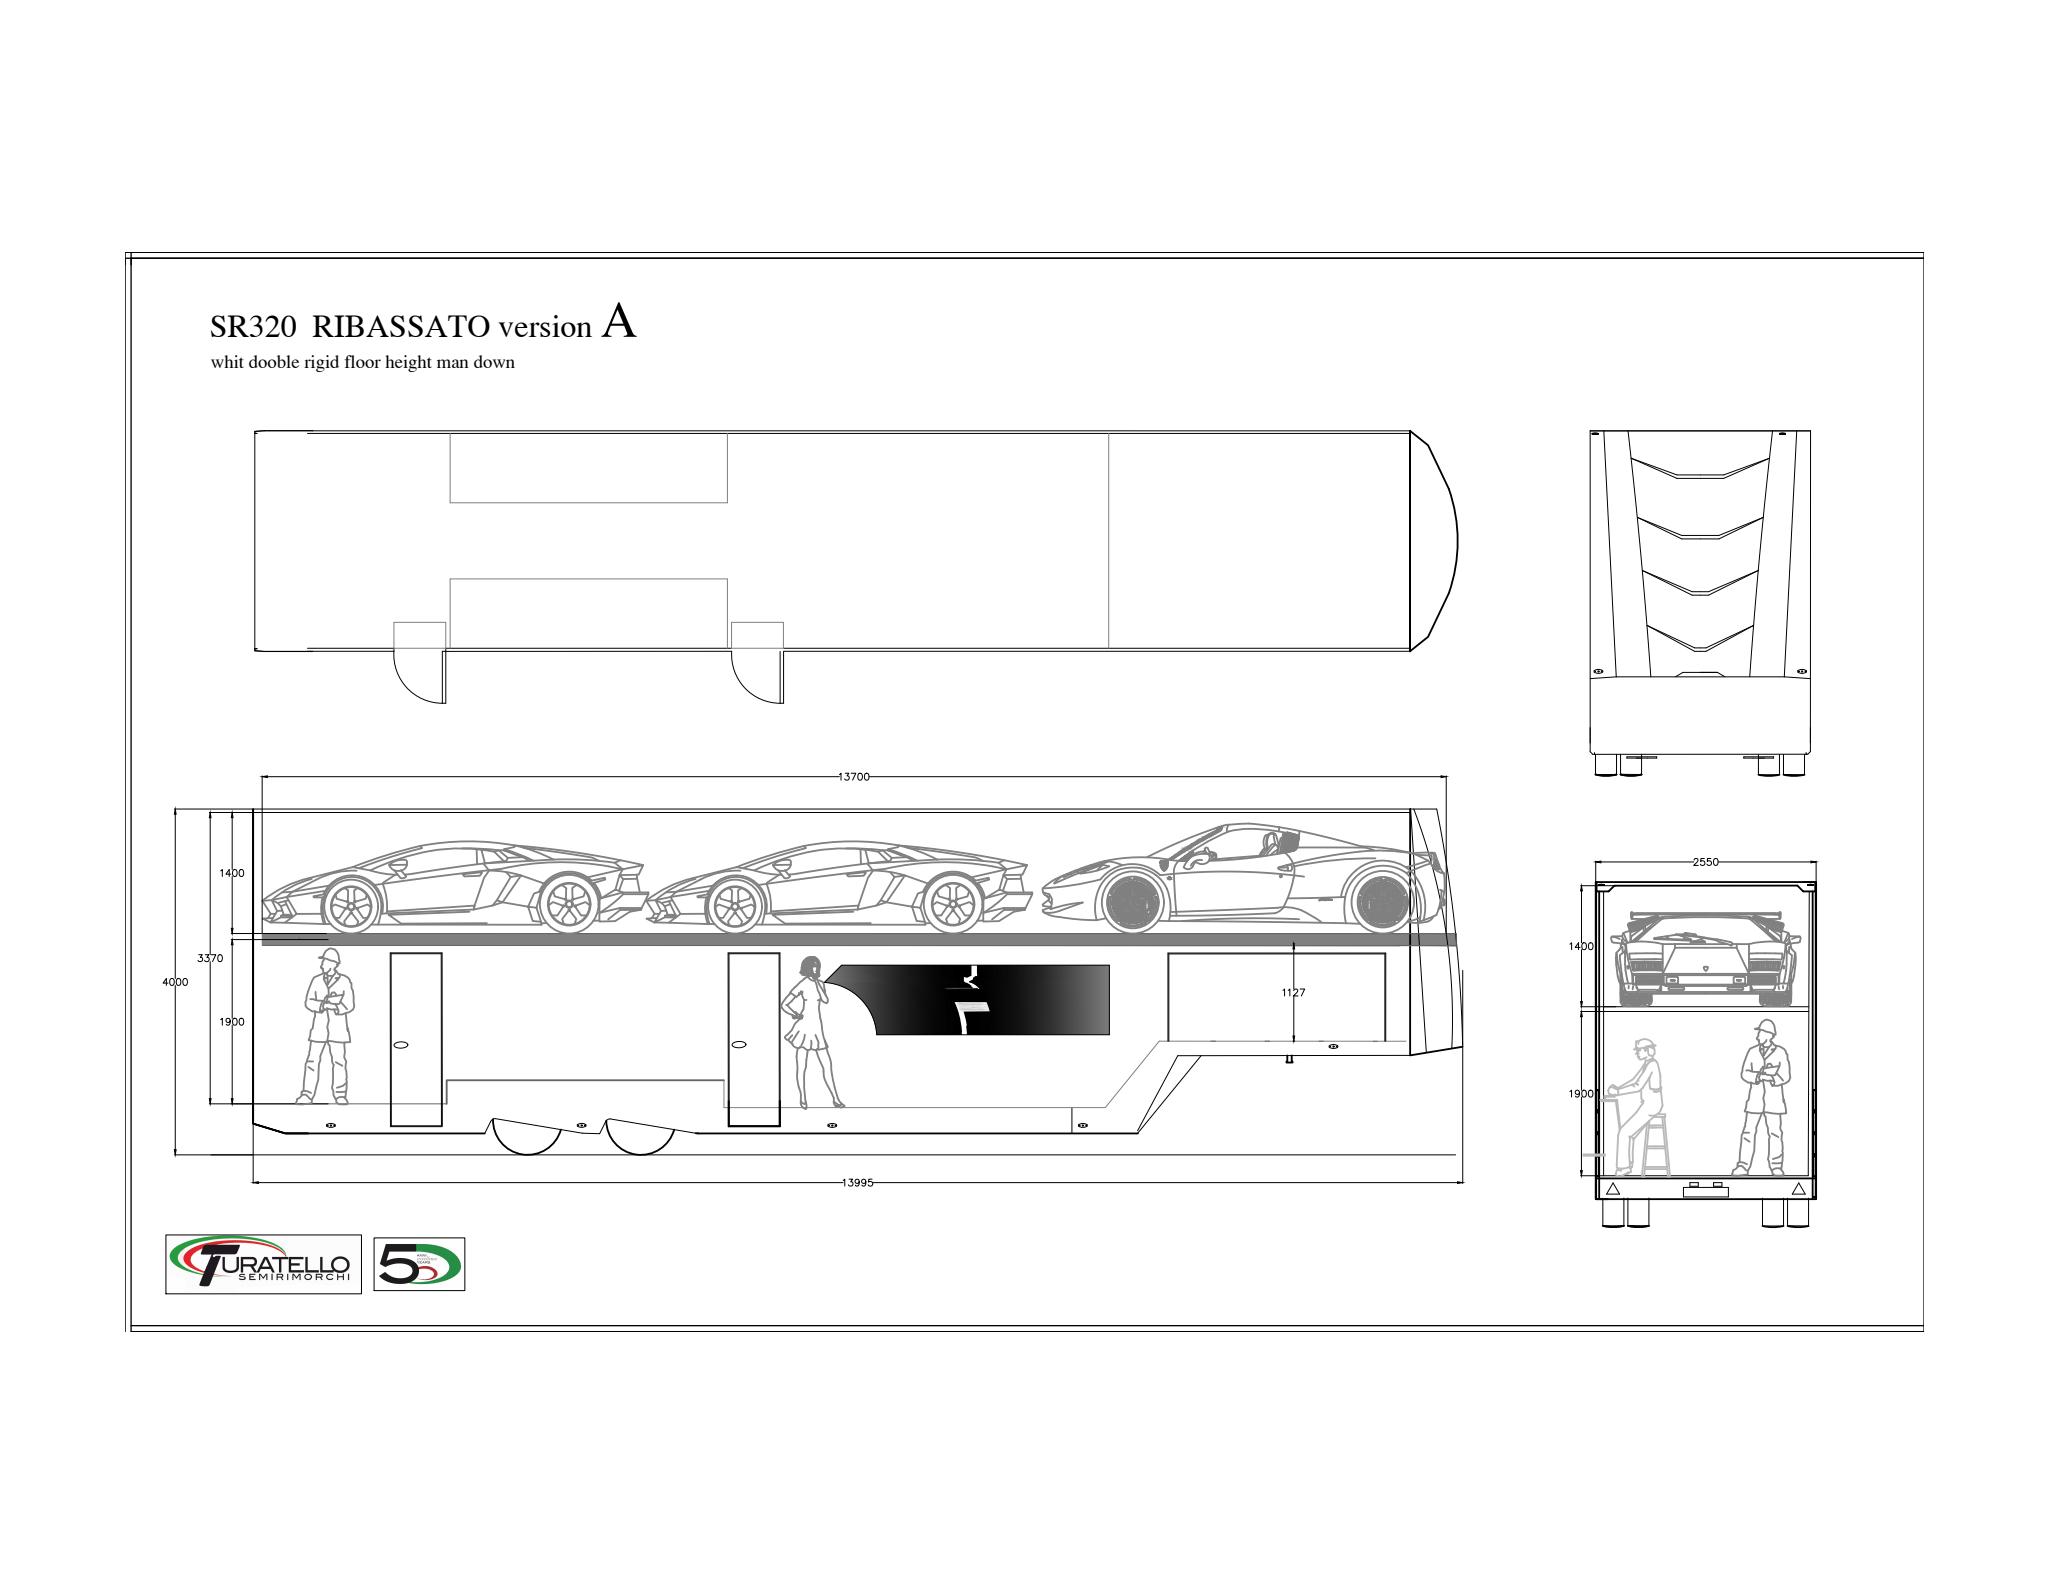 SR320 RIBASSATO versione A